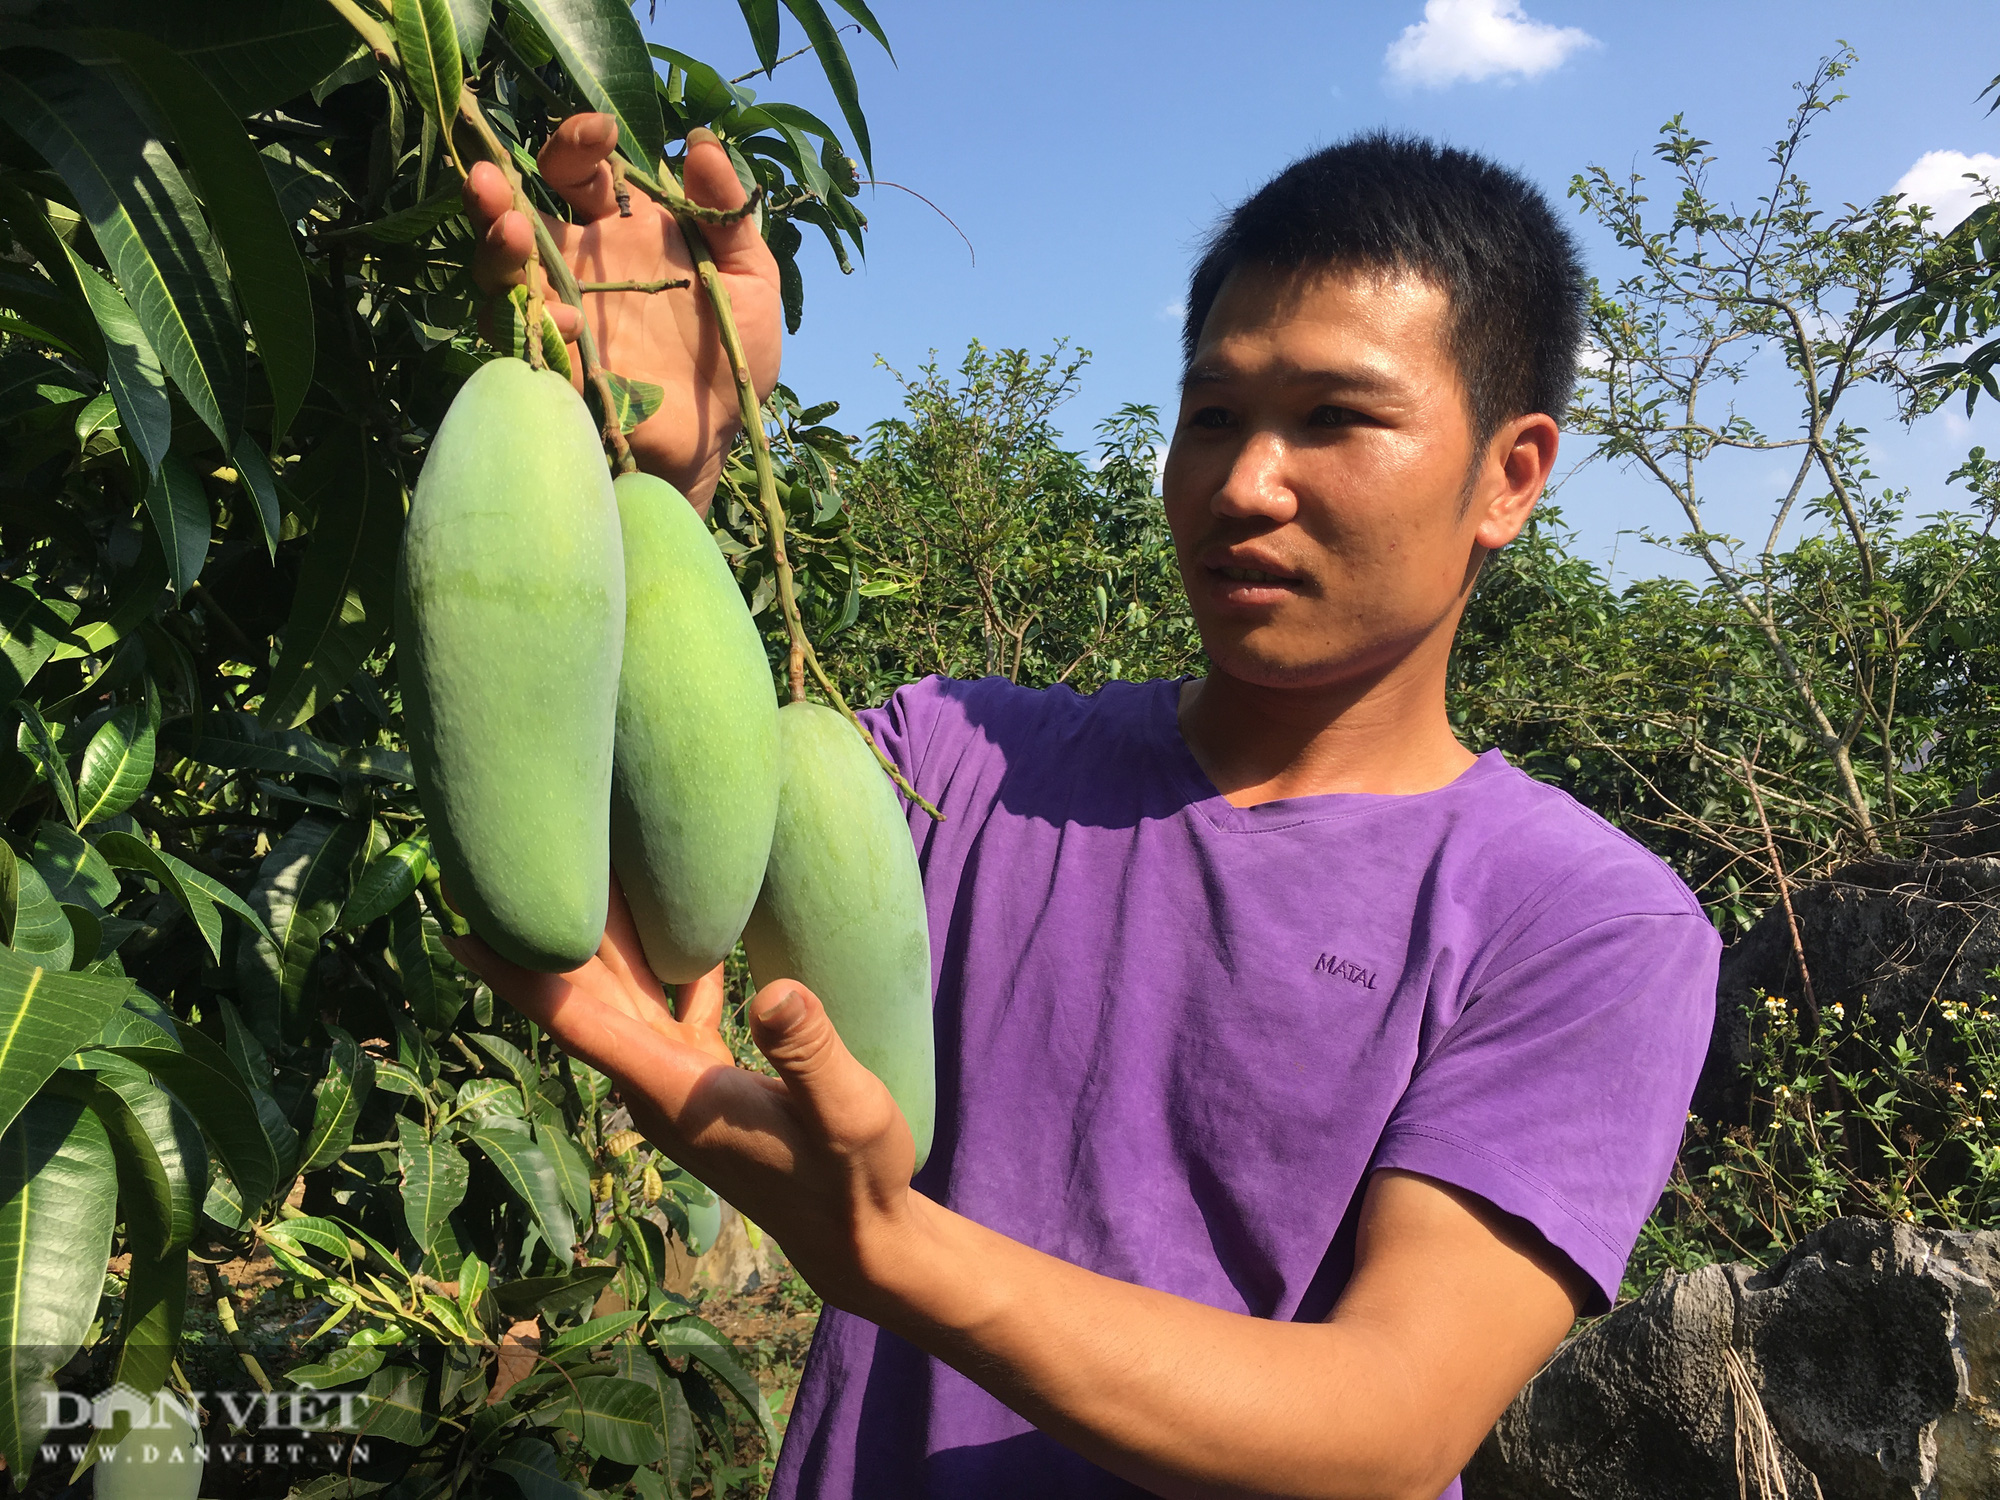 Ước mơ nhiều đời của nông dân Sơn La đang trở thành hiện thực - Ảnh 6.